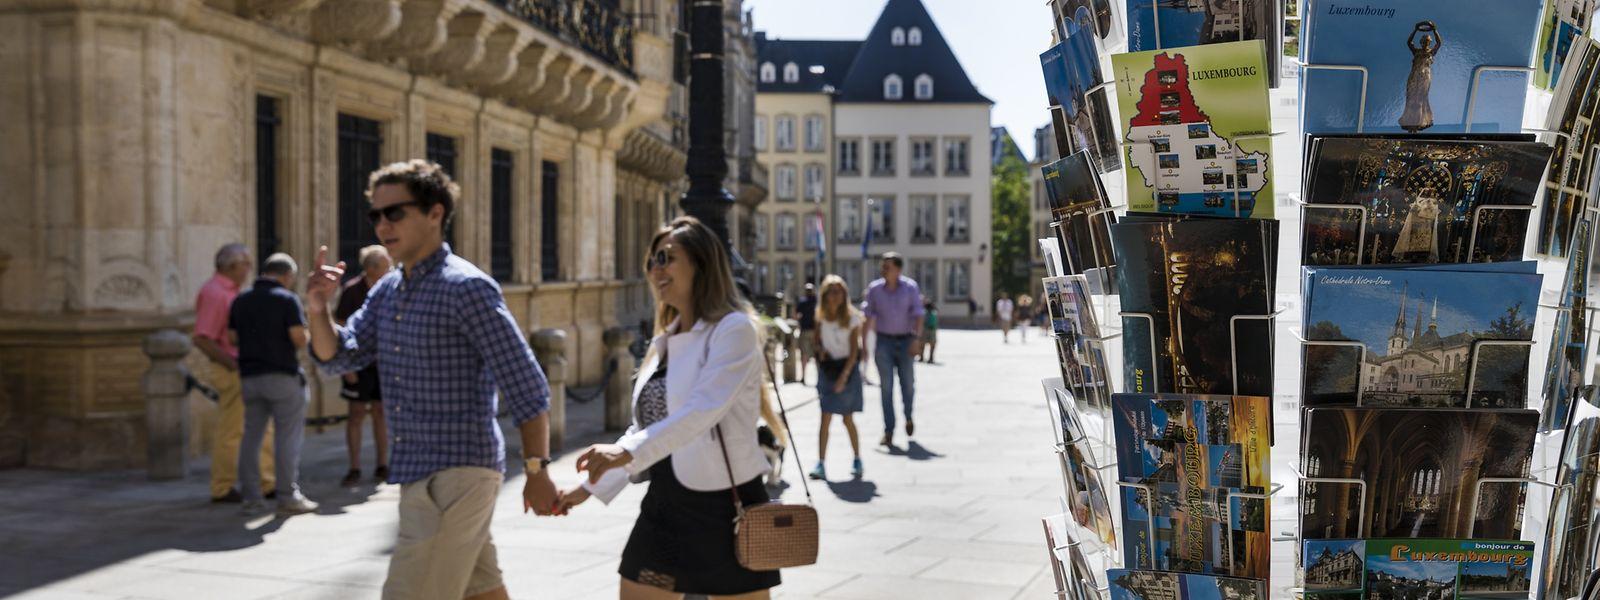 Postkarten werden im Zeitalter von Whatsapp und Co. zwar weniger, aber immer noch gerne genutzt, um Urlaubsgrüße zu versenden. Darauf abgebildet sind meist Klassiker wie die Gëlle Fra.